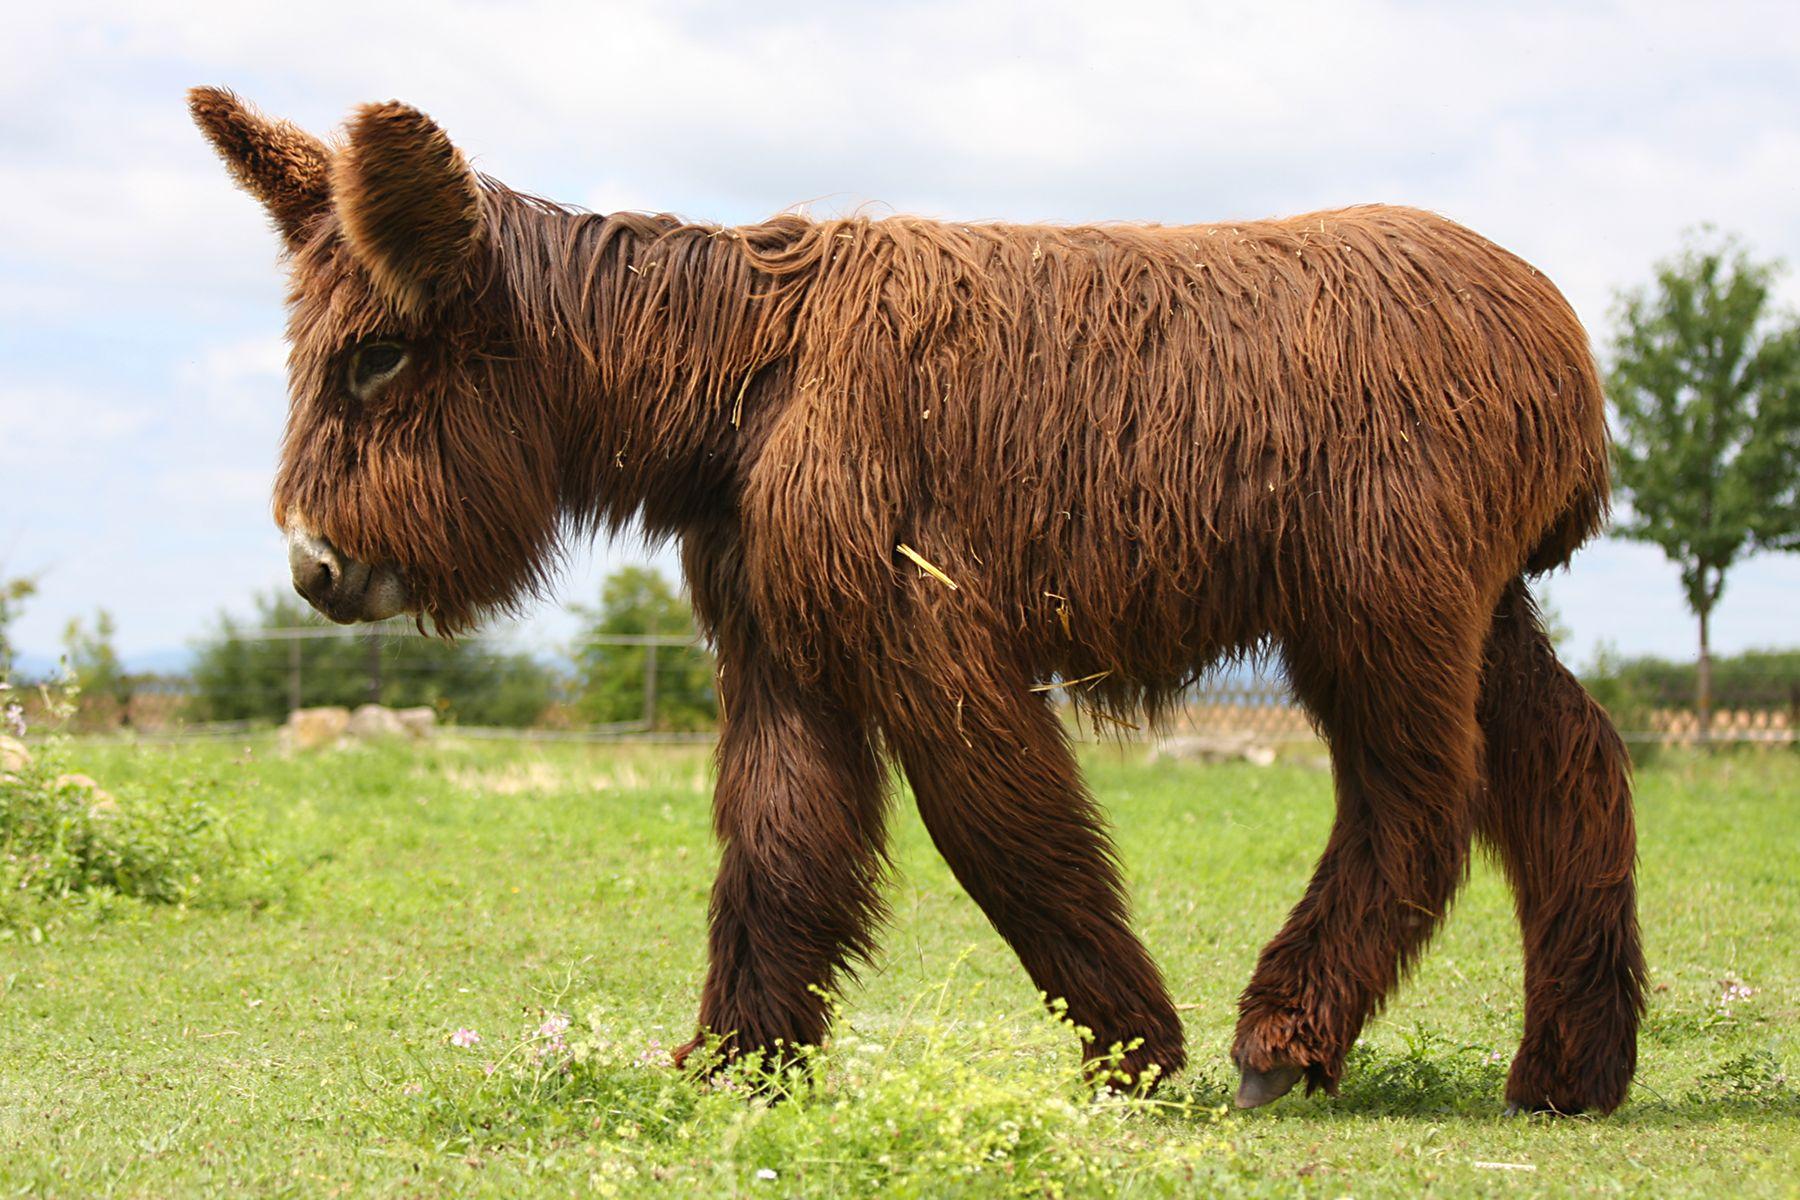 Poitou donkey - Wikiwand